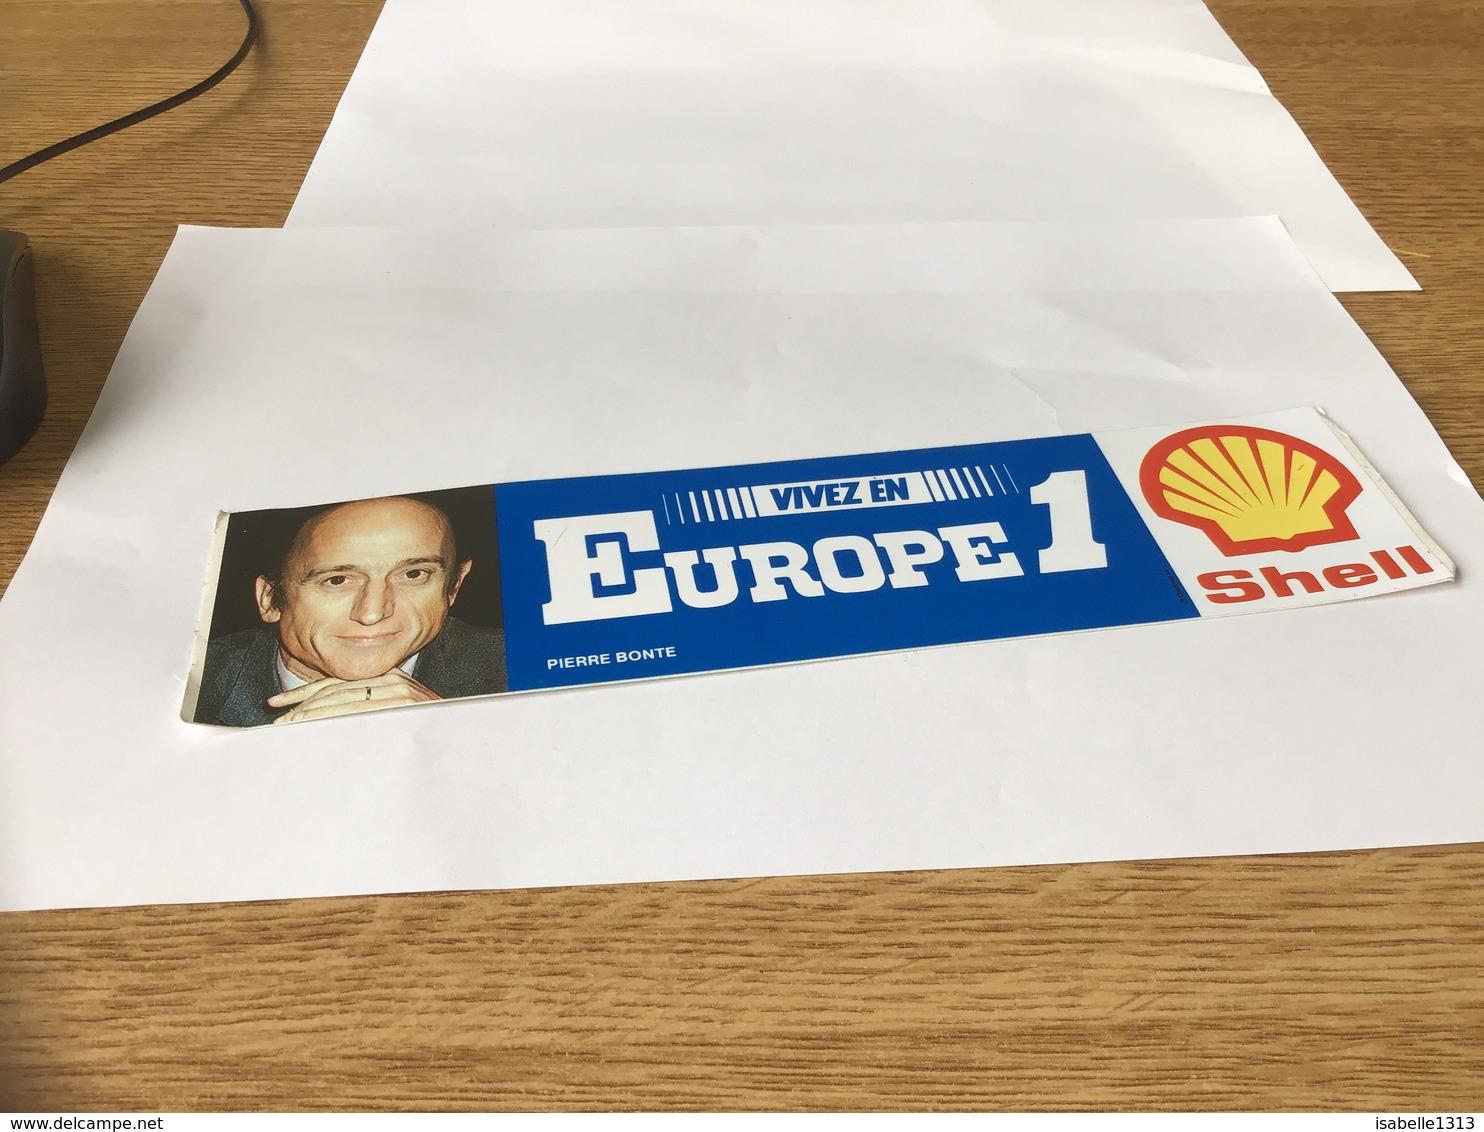 Autocollant Années 80 Europe 1 Shell Pierre Bonte - Autocollants